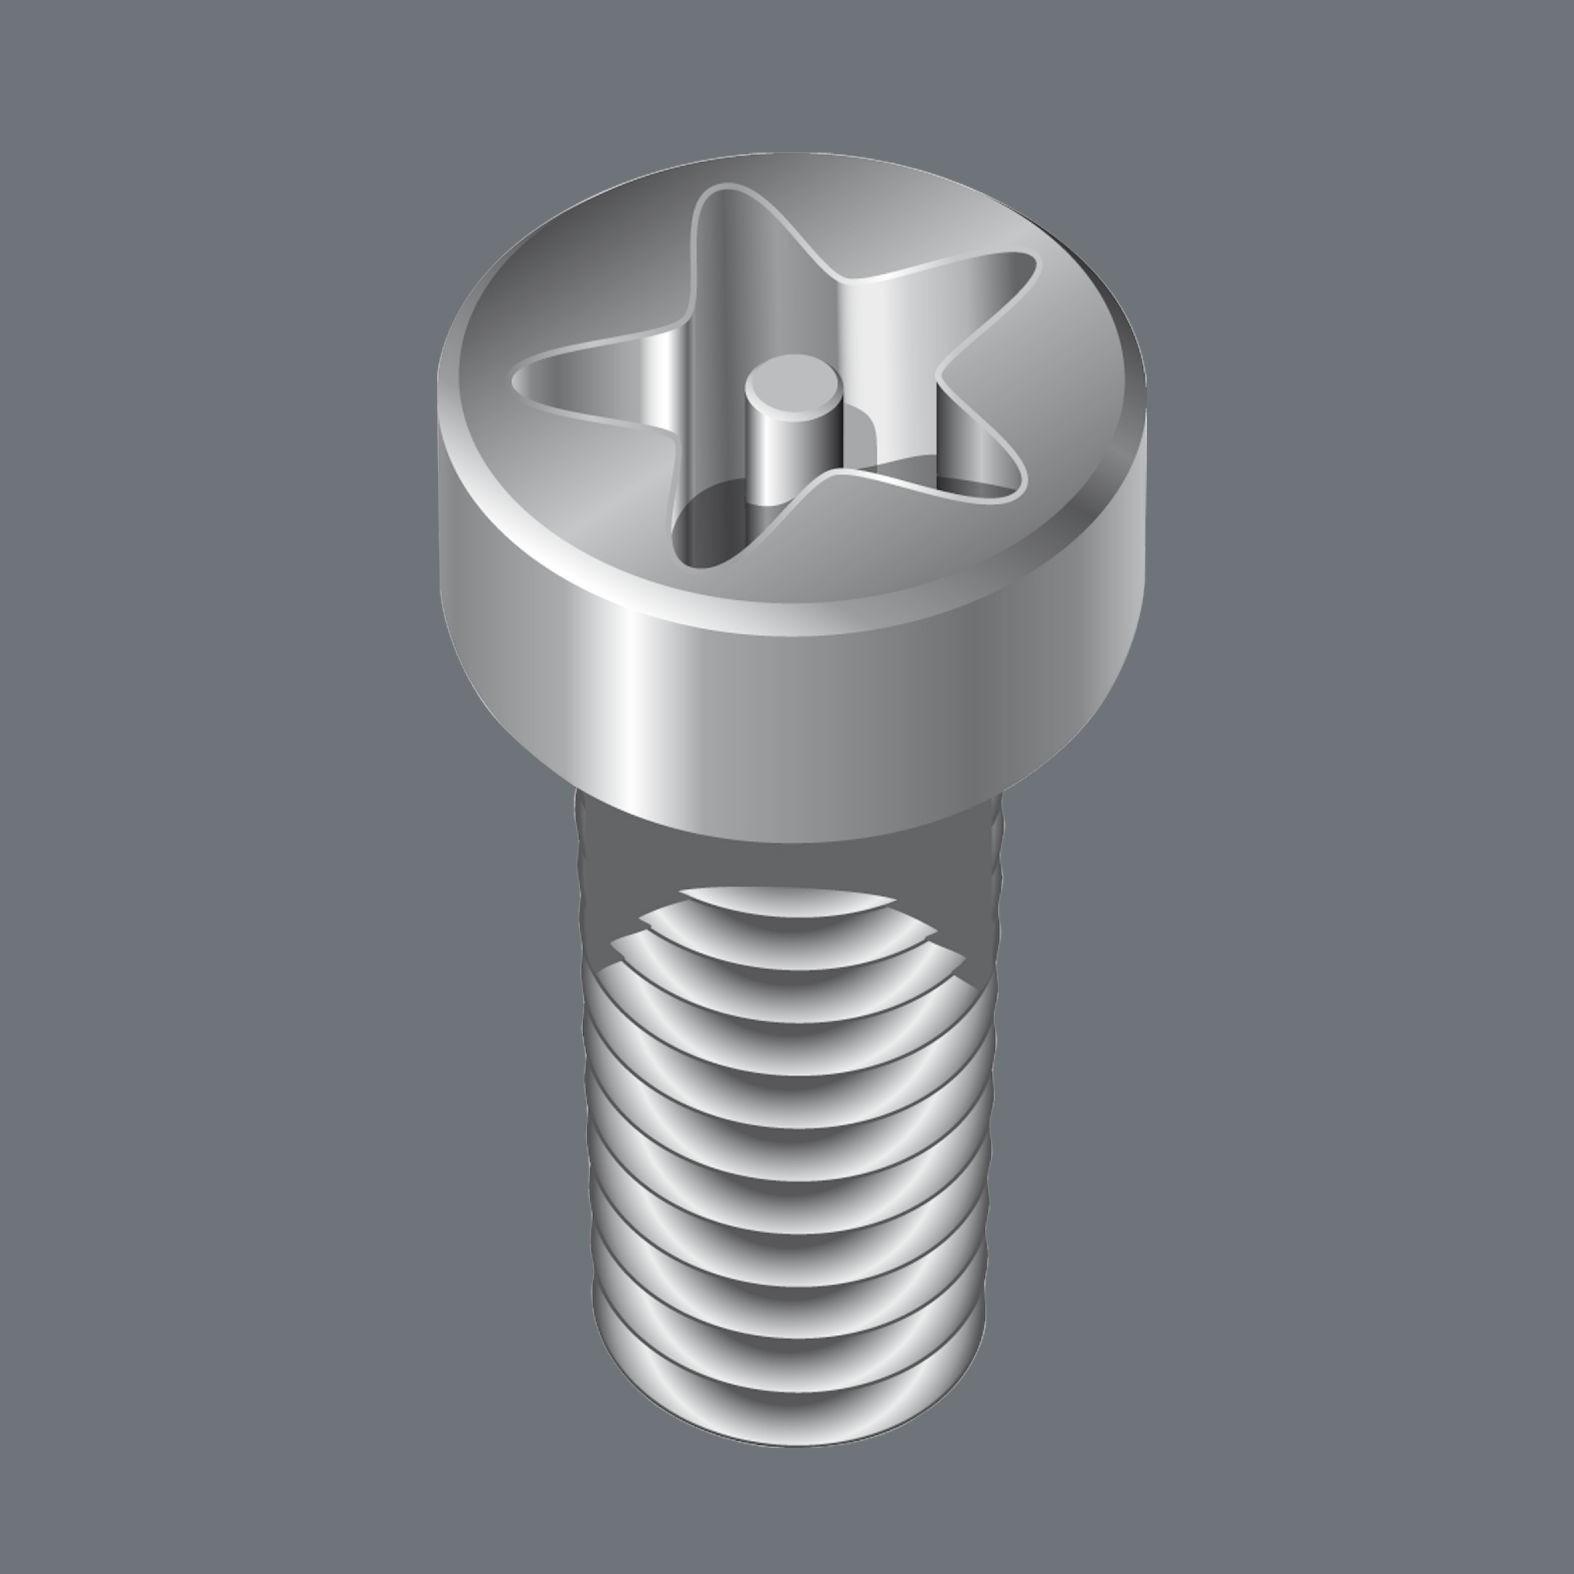 TORX PLUS® IP/IPR micro schroevendraaiers en klingen